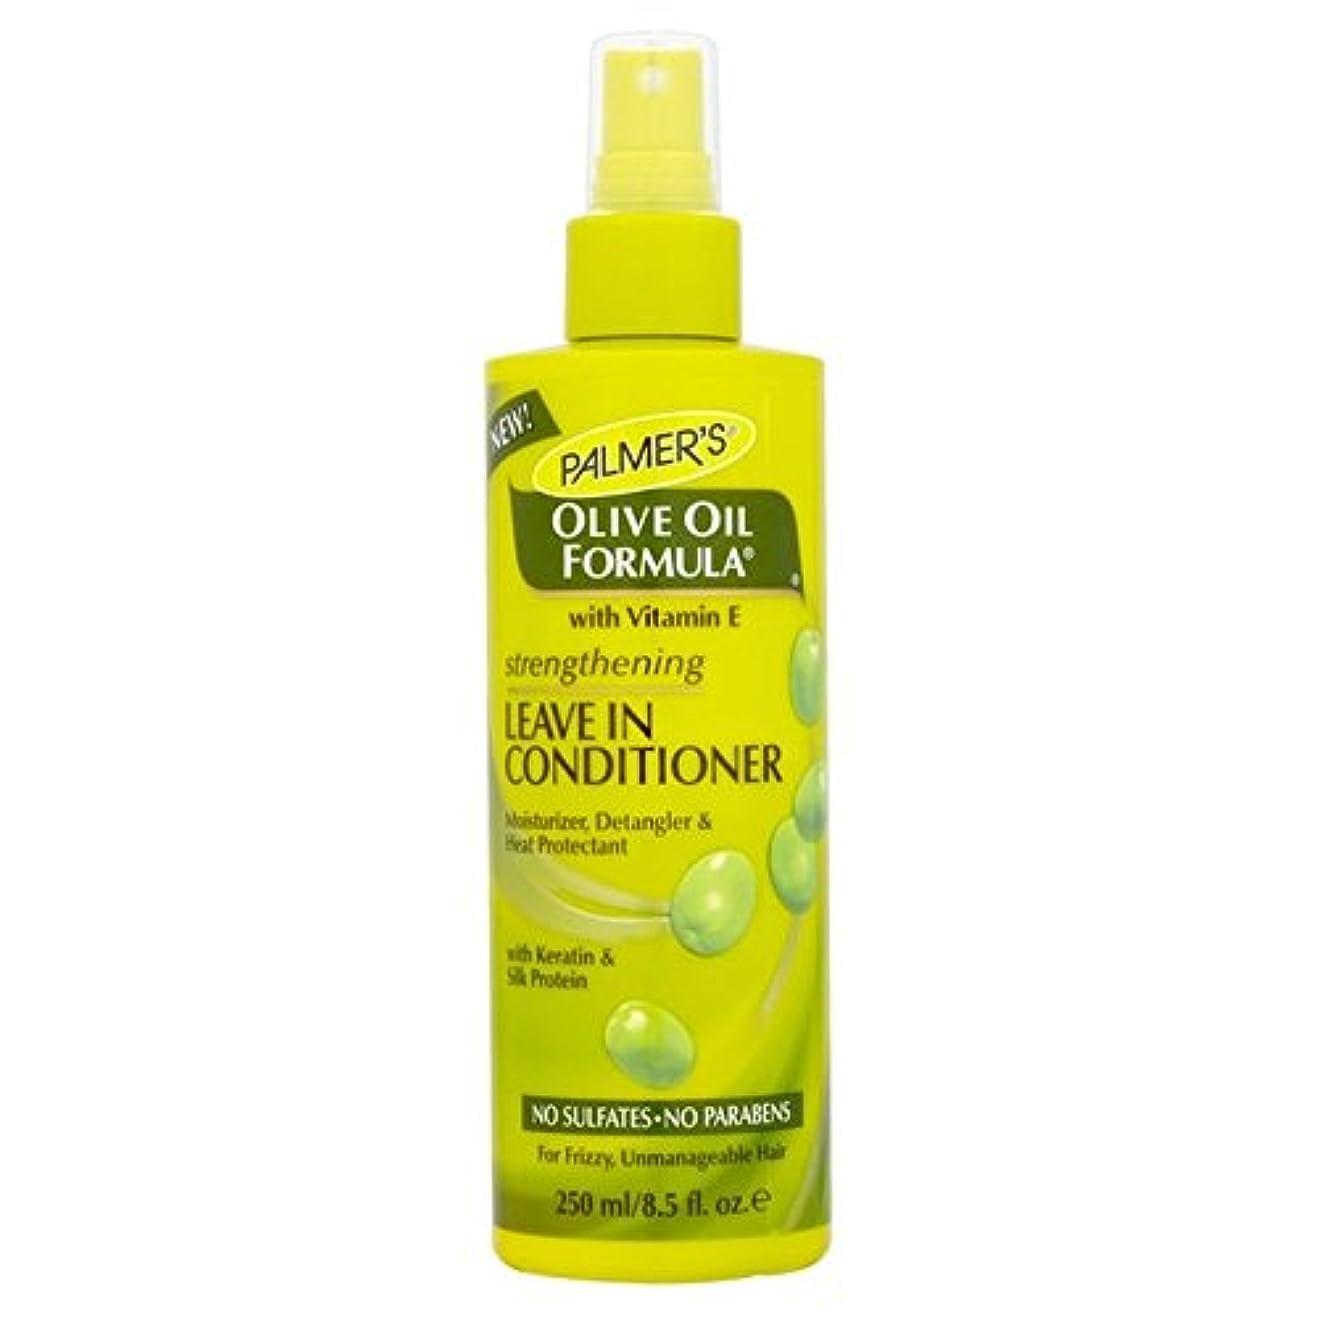 リンケージお尻ログPalmer's Olive Oil Formula Strengthening Leave-in Conditioner 250ml - リーブインコンディショナー250を強化パーマーのオリーブオイル式 [並行輸入品]